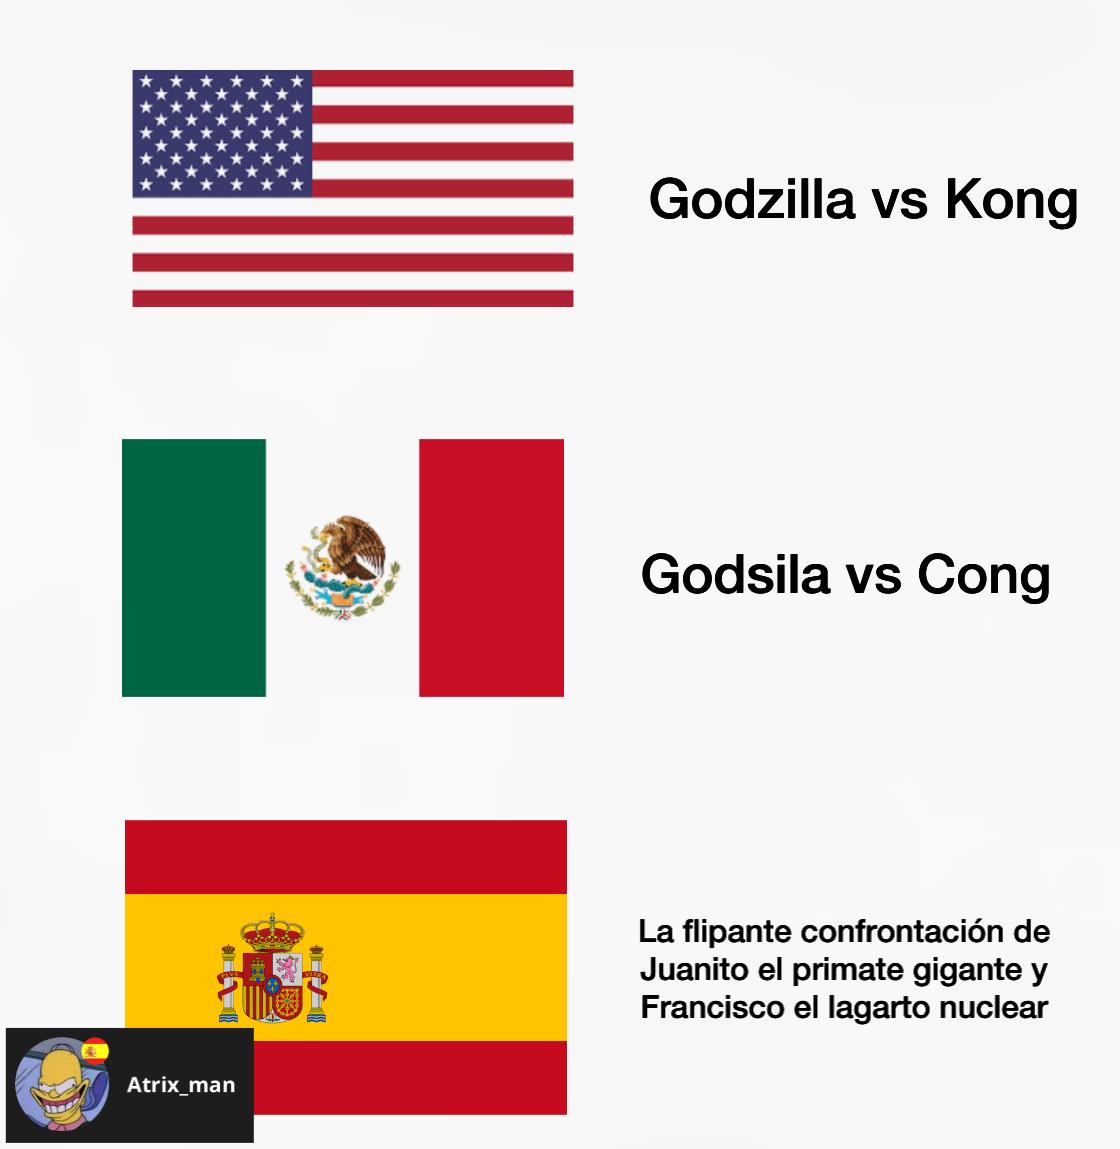 Juanito vs Francisco - meme